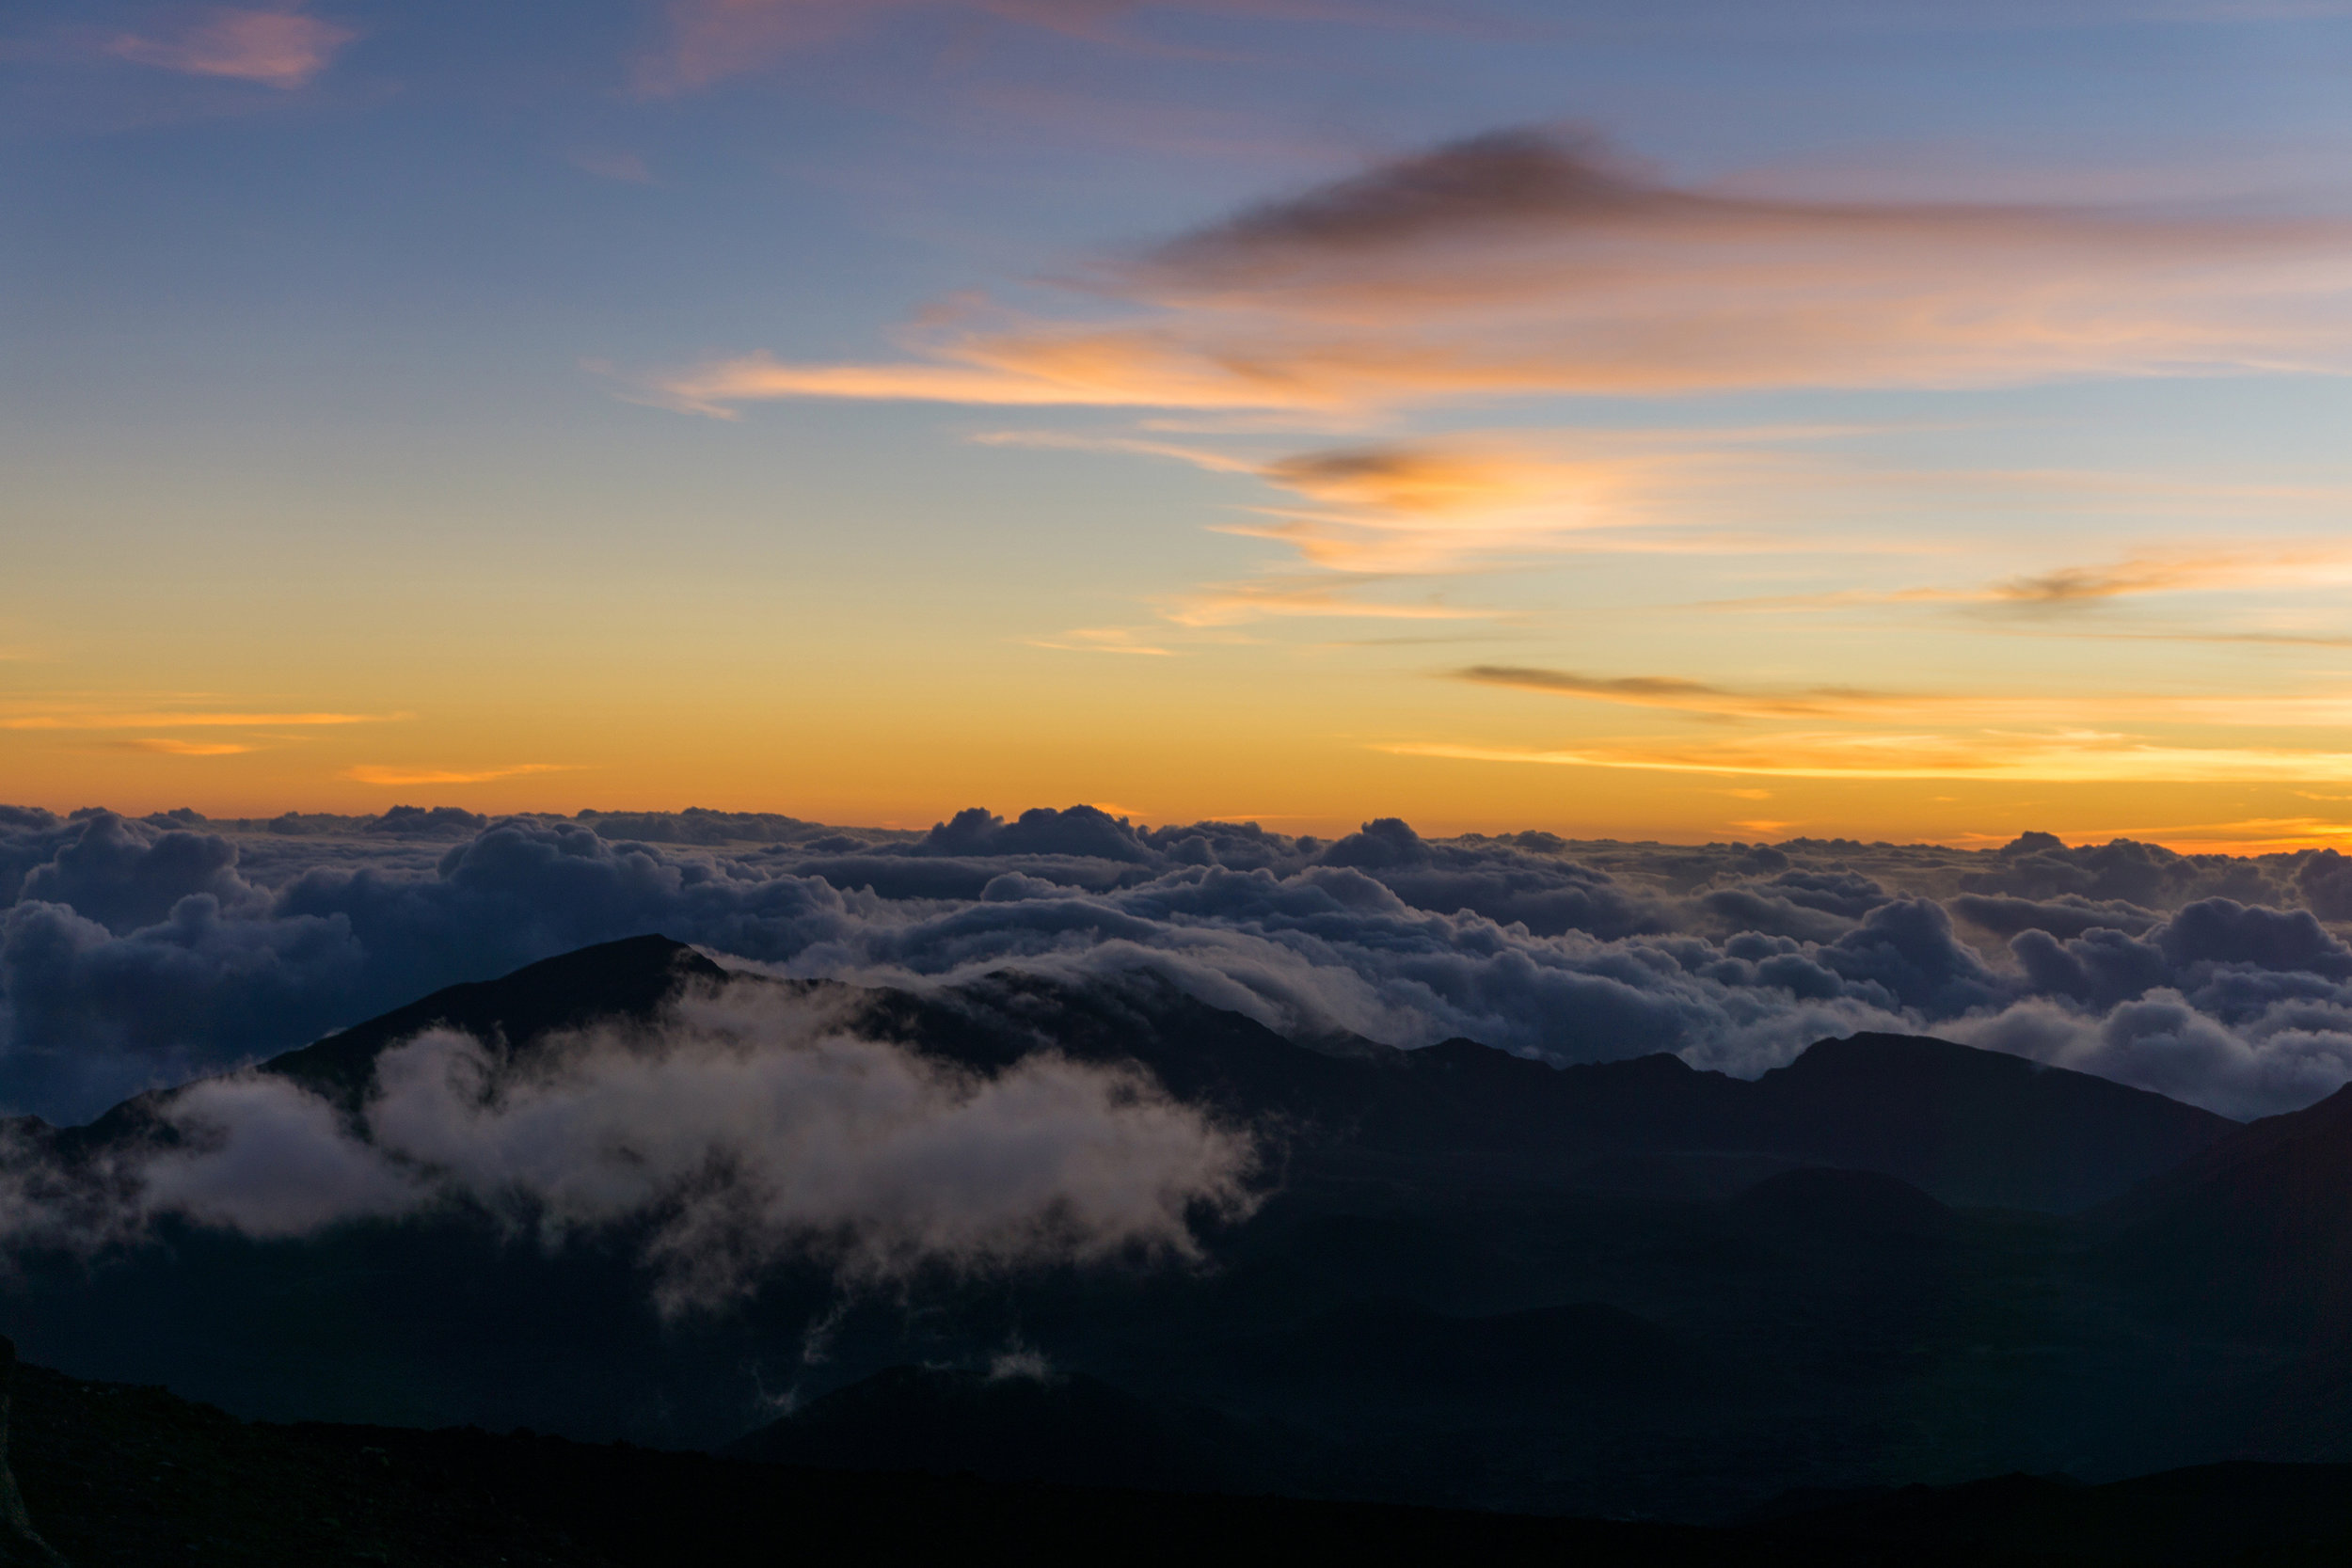 AstroBandit_Maui_Hawaii_JordanRose_Haleakala_Sunrise_35.jpg